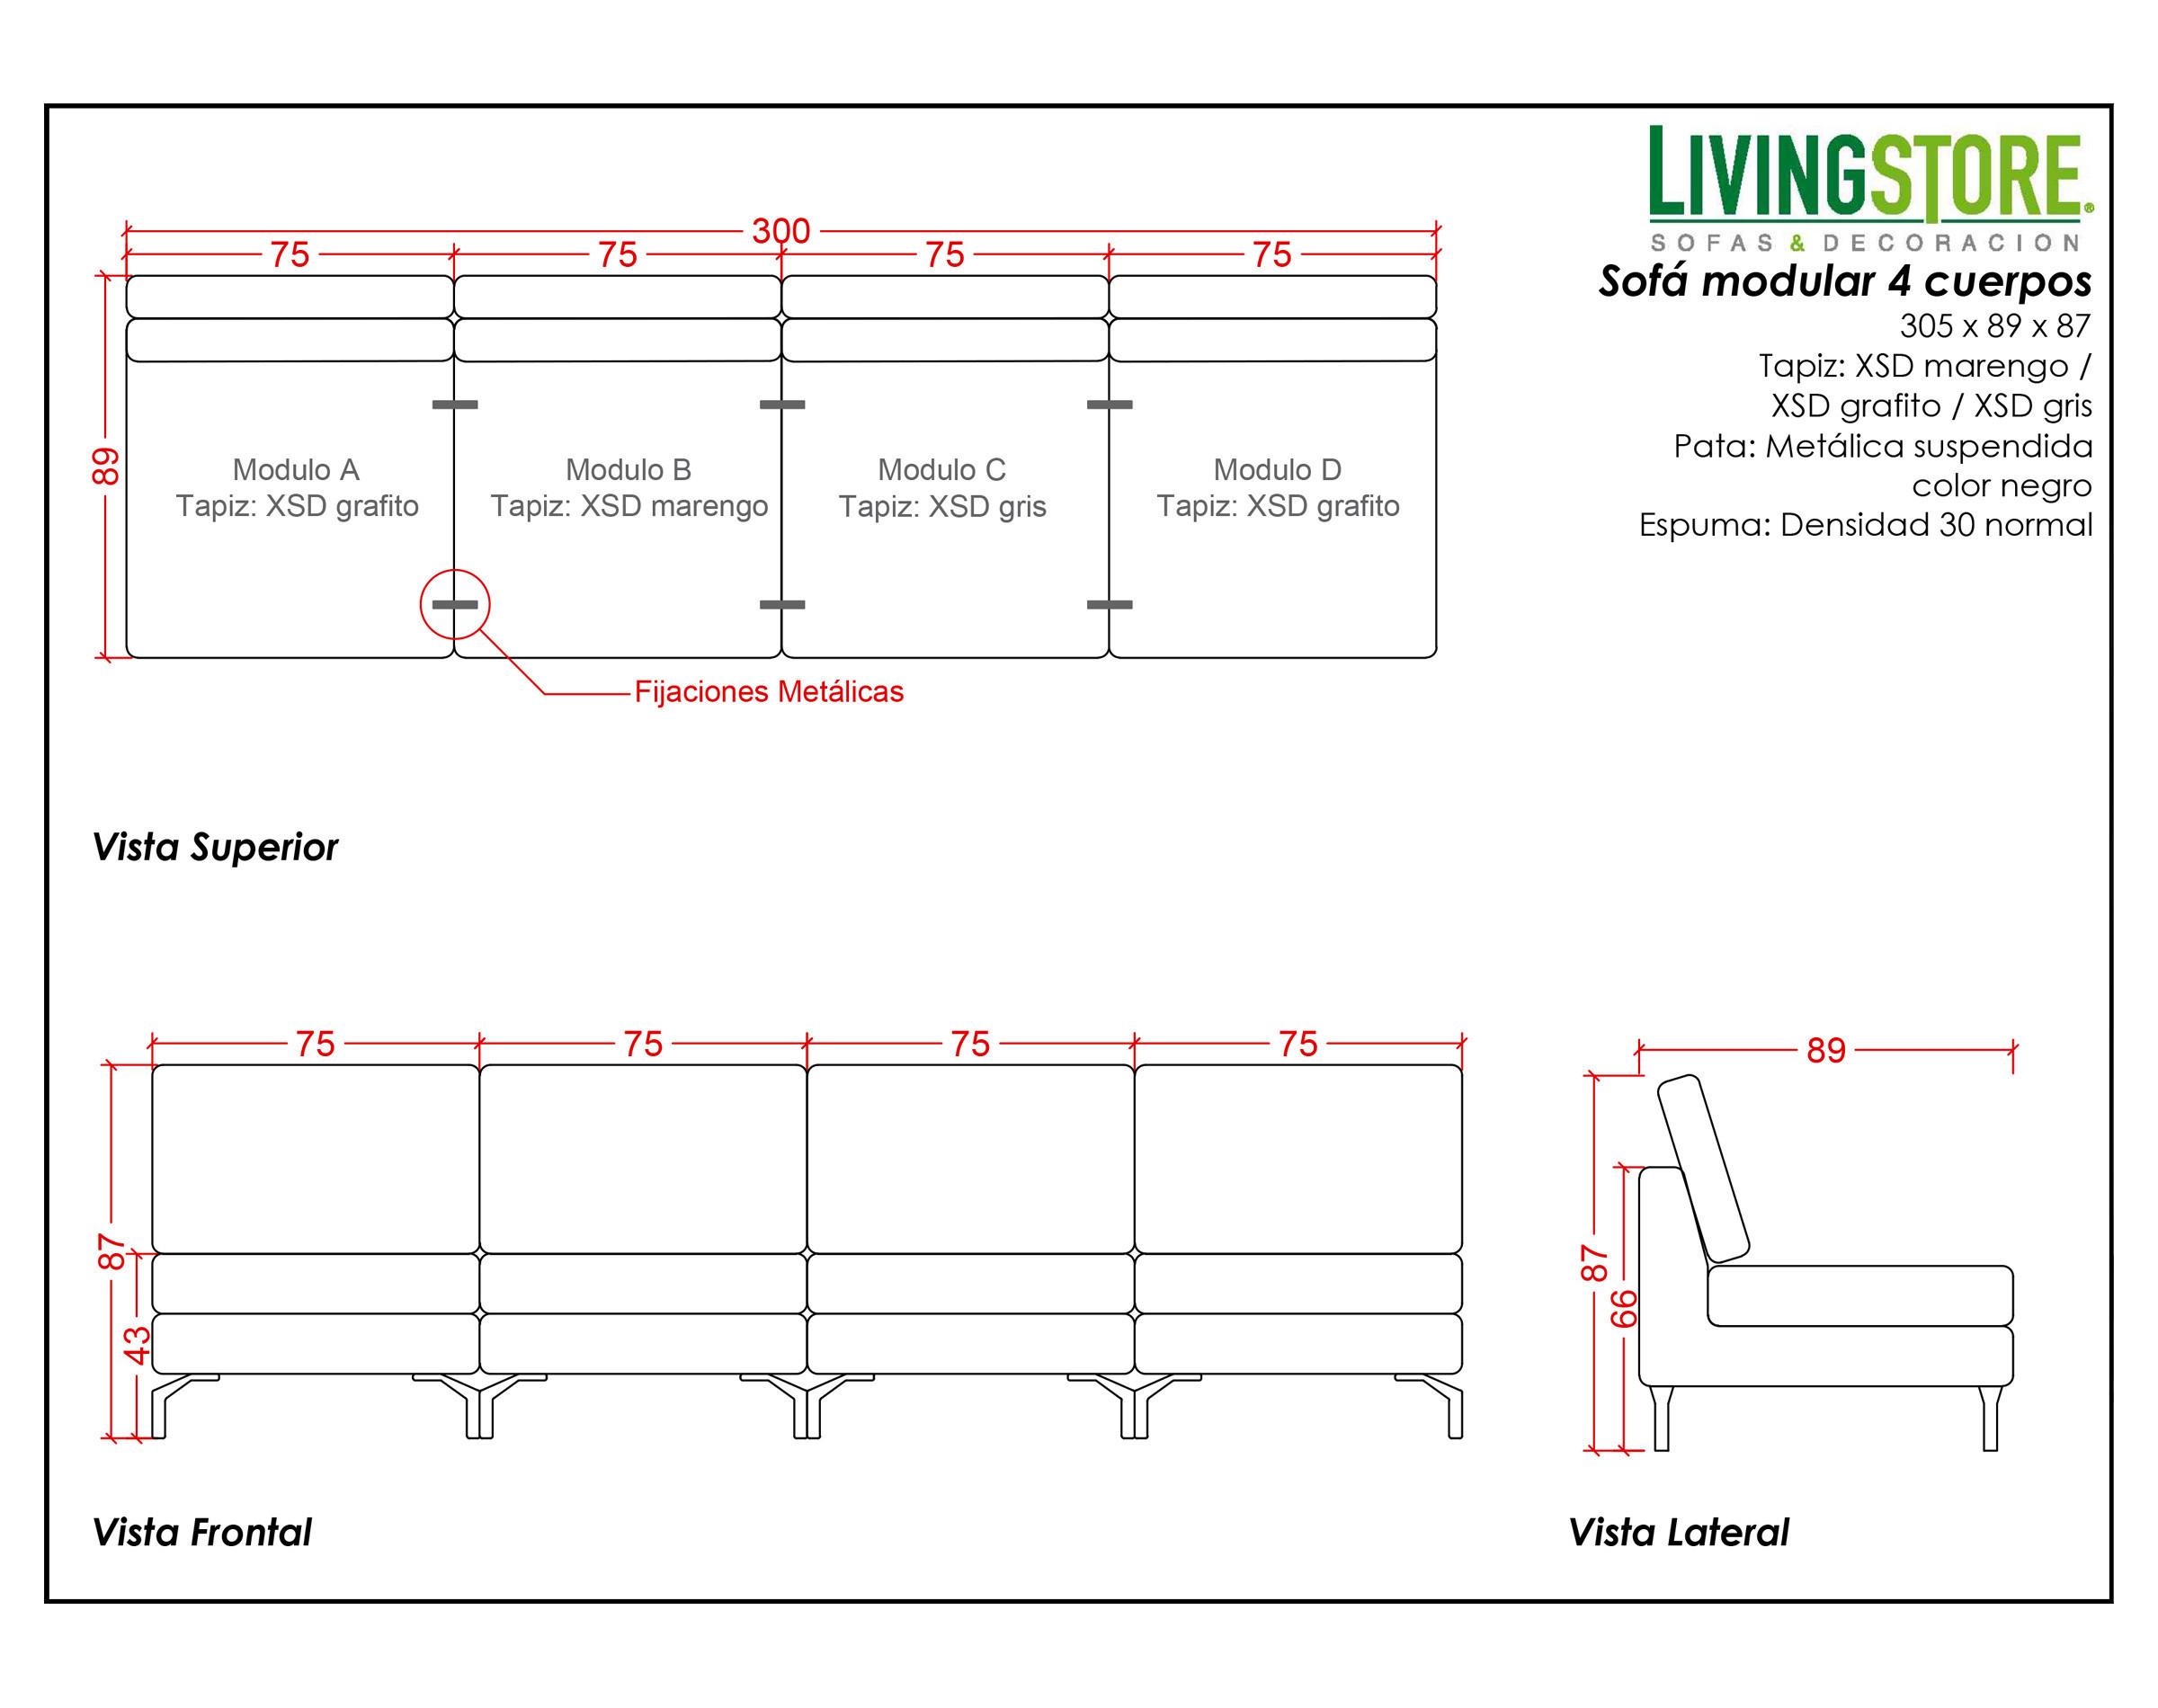 Sofa modular 4 cuerpos XSD con patas metalicas planimetria